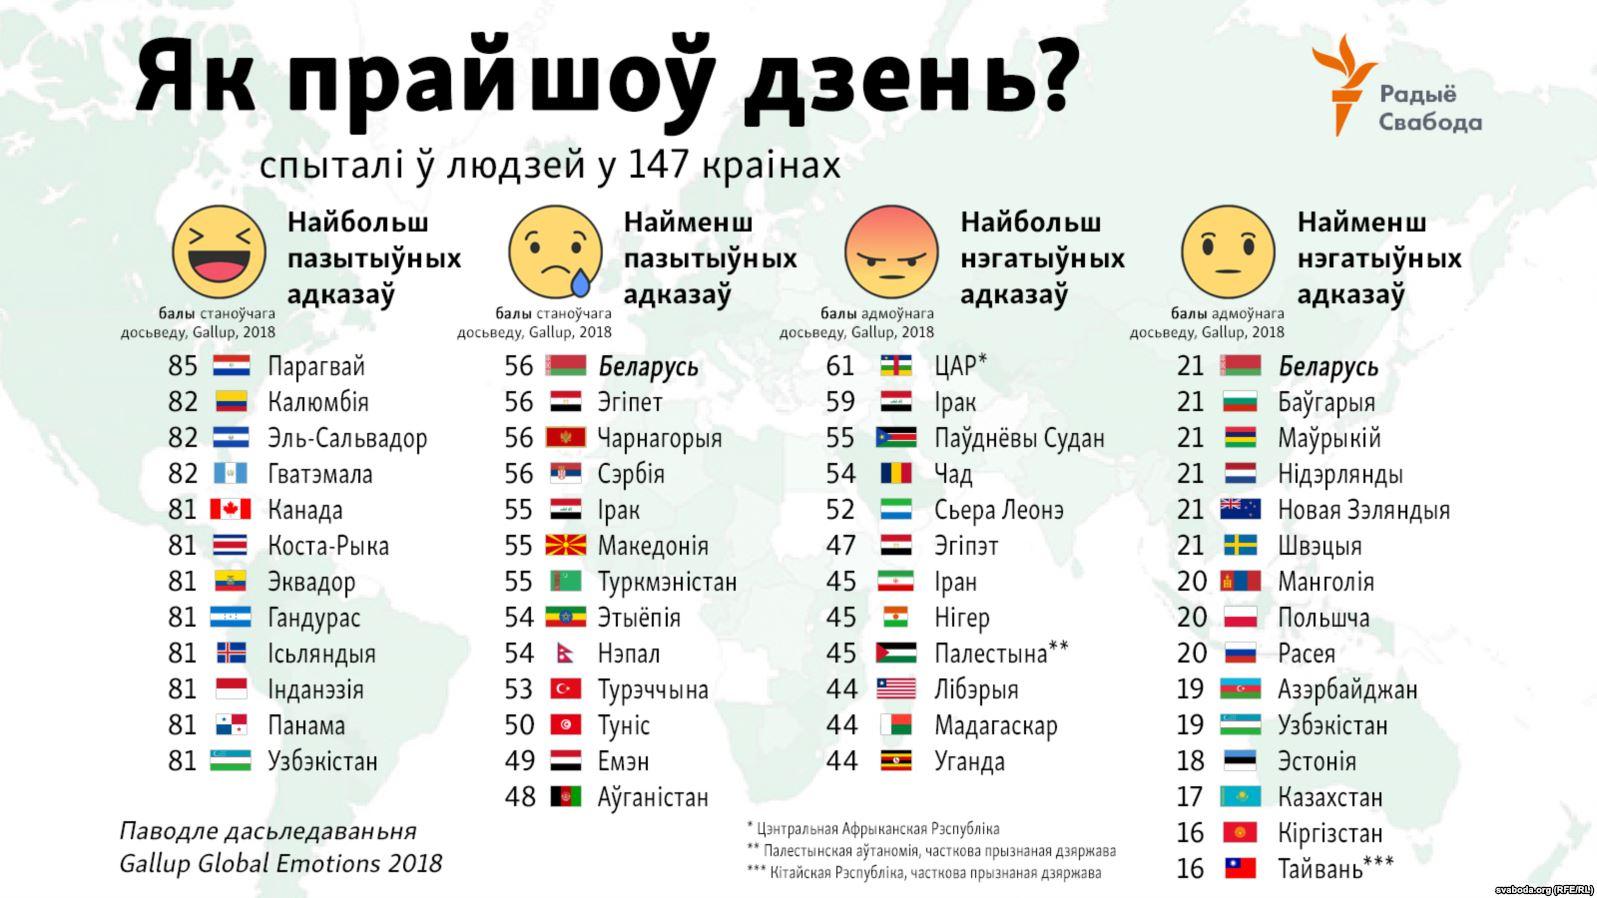 Беларусь аказалася сярод самых неэмацыйных краінаў свету. Інфаграфіка